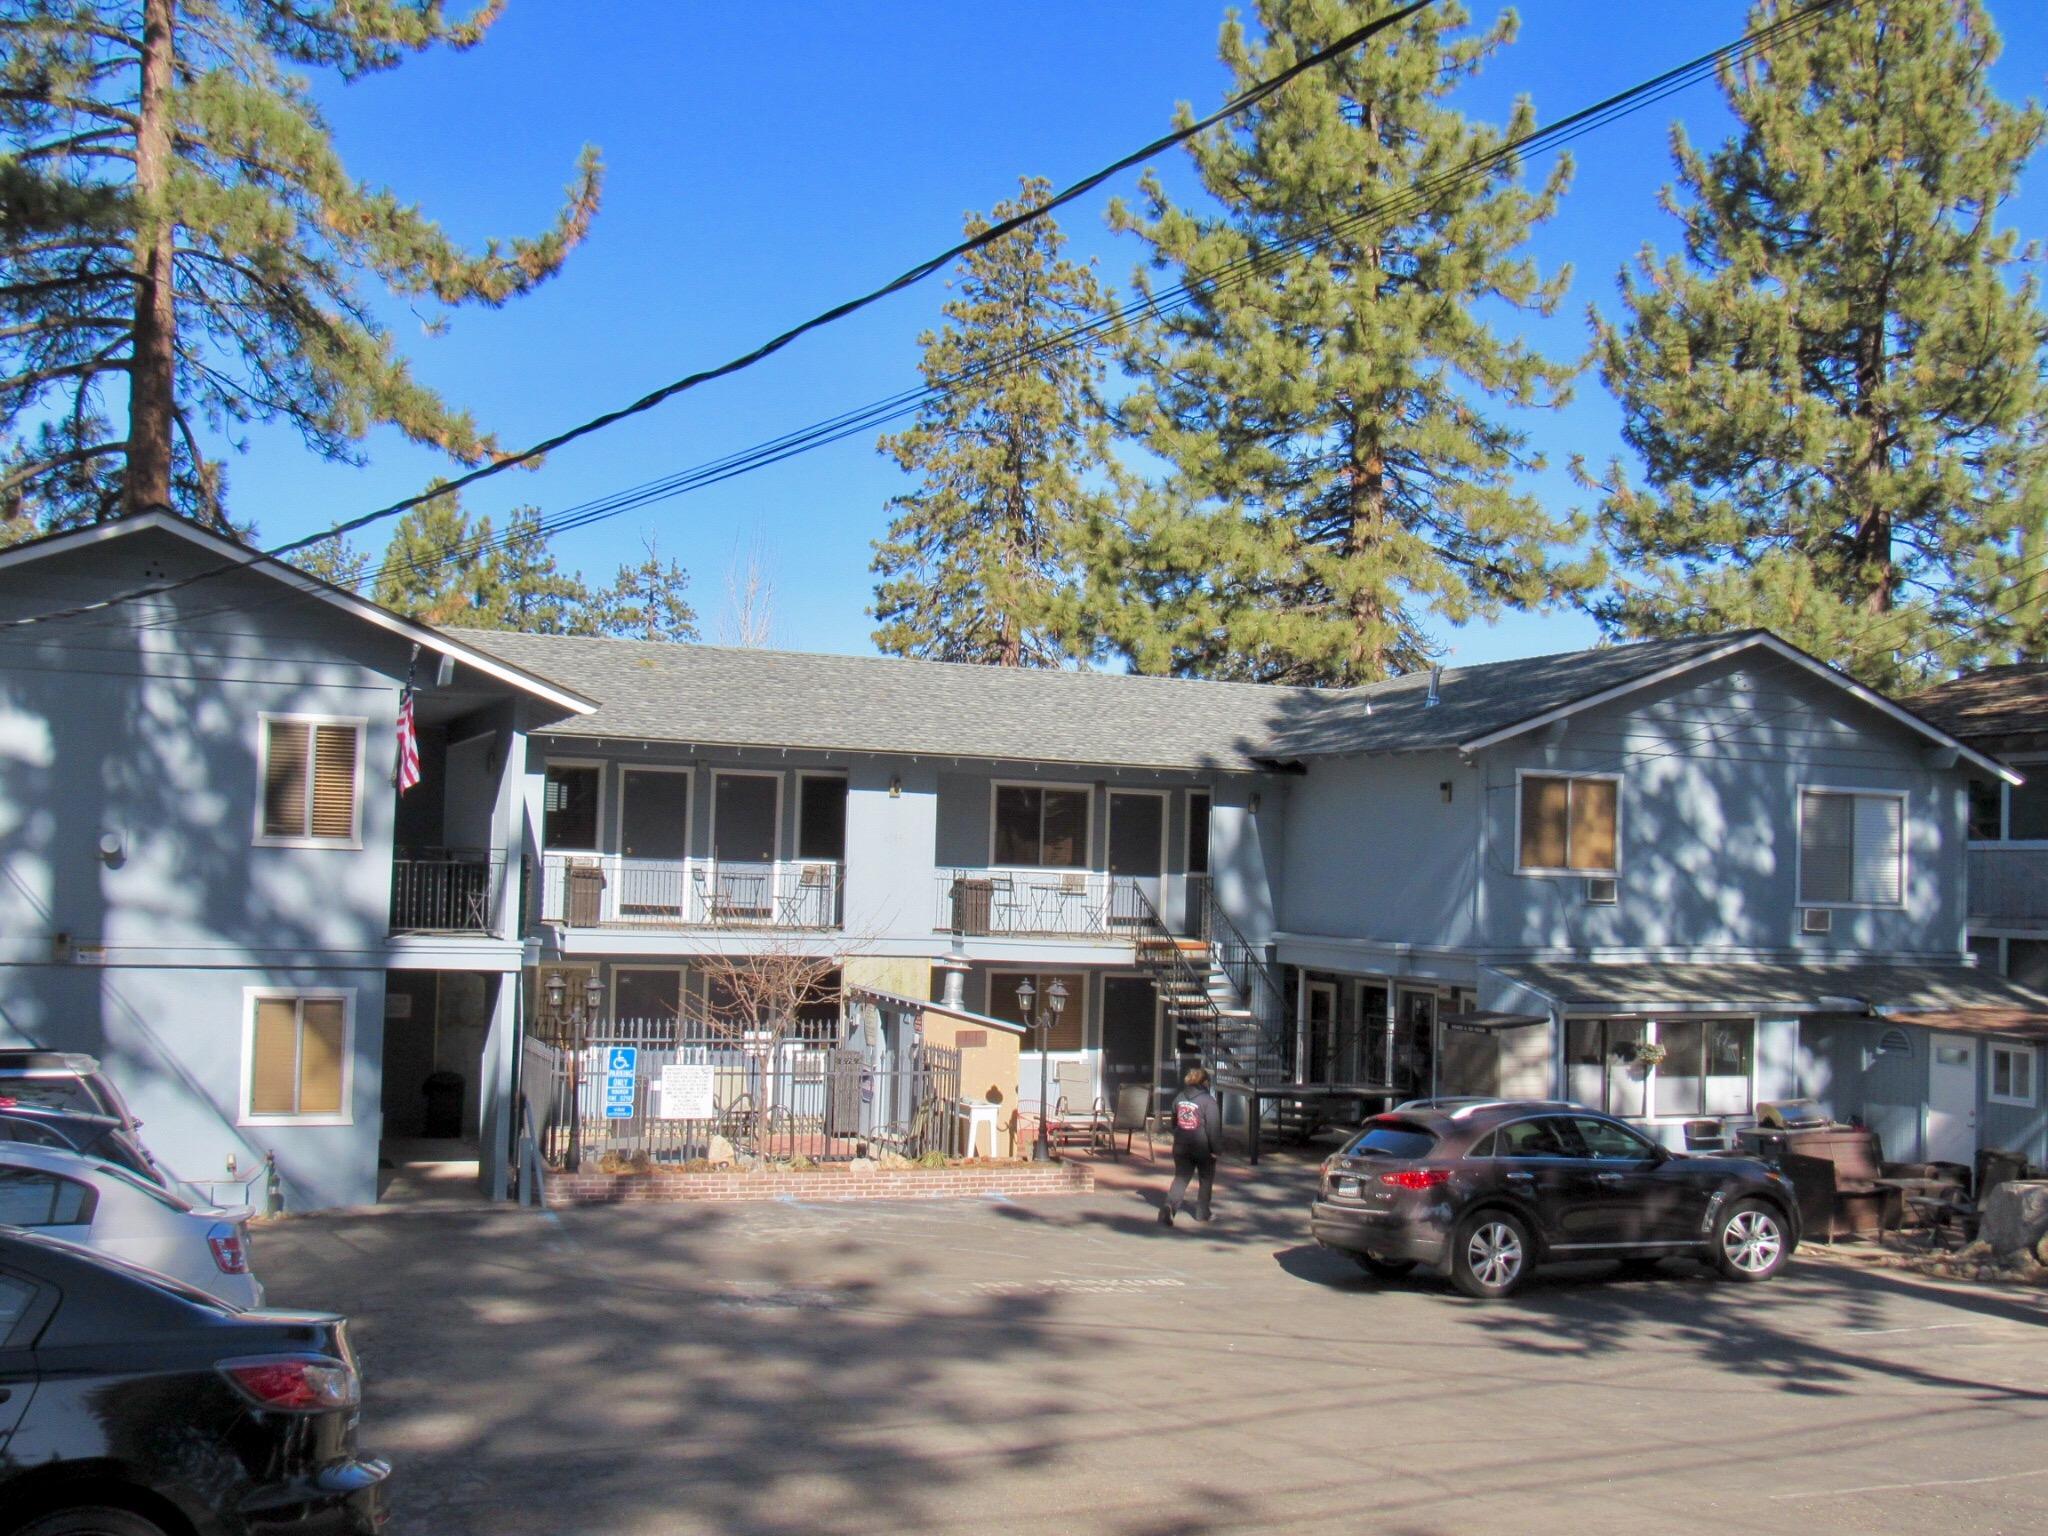 7 Seas Inn in South Lake Tahoe